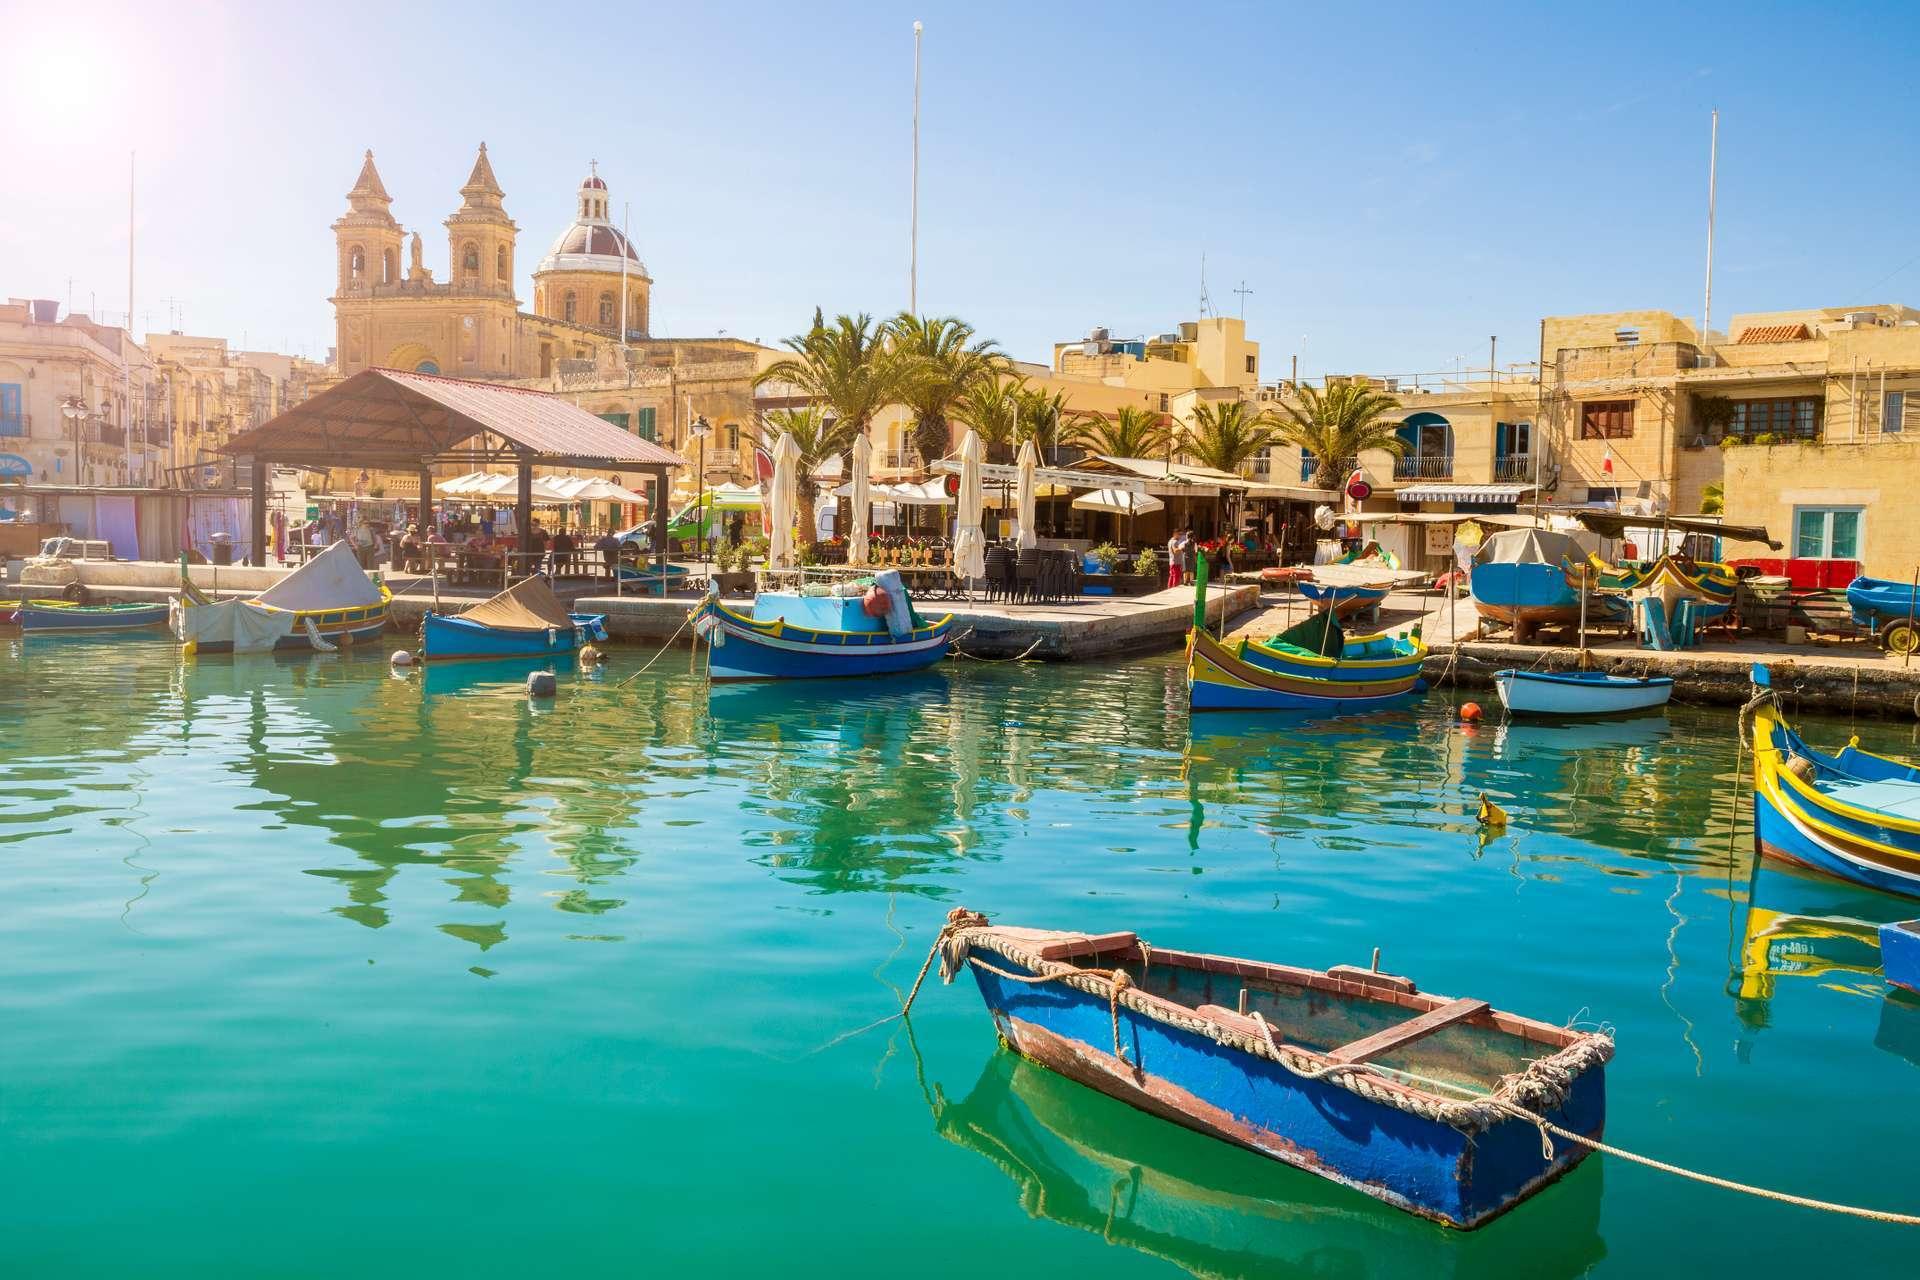 Eliza was here vakantie naar Malta